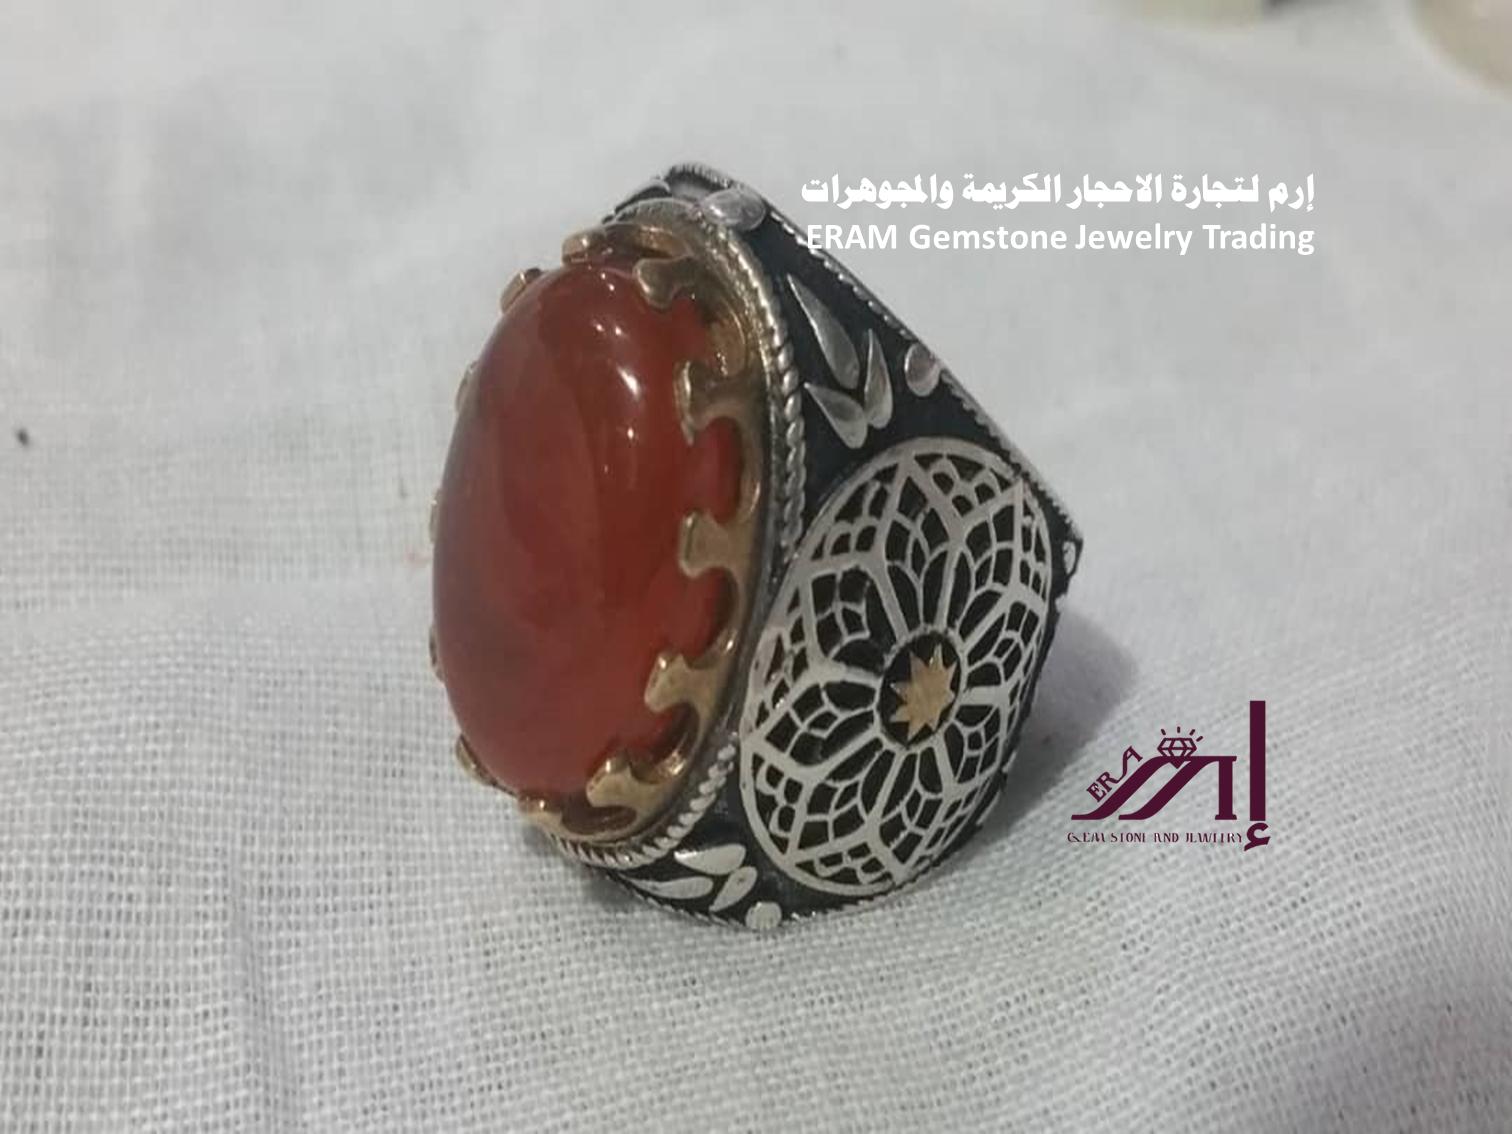 اجمل العقيق اليماني الاحمر خاتم عقيق يمني Agate مميز طبيعي100 للعرض Gemstone Jewelry Gemstones Jewelry